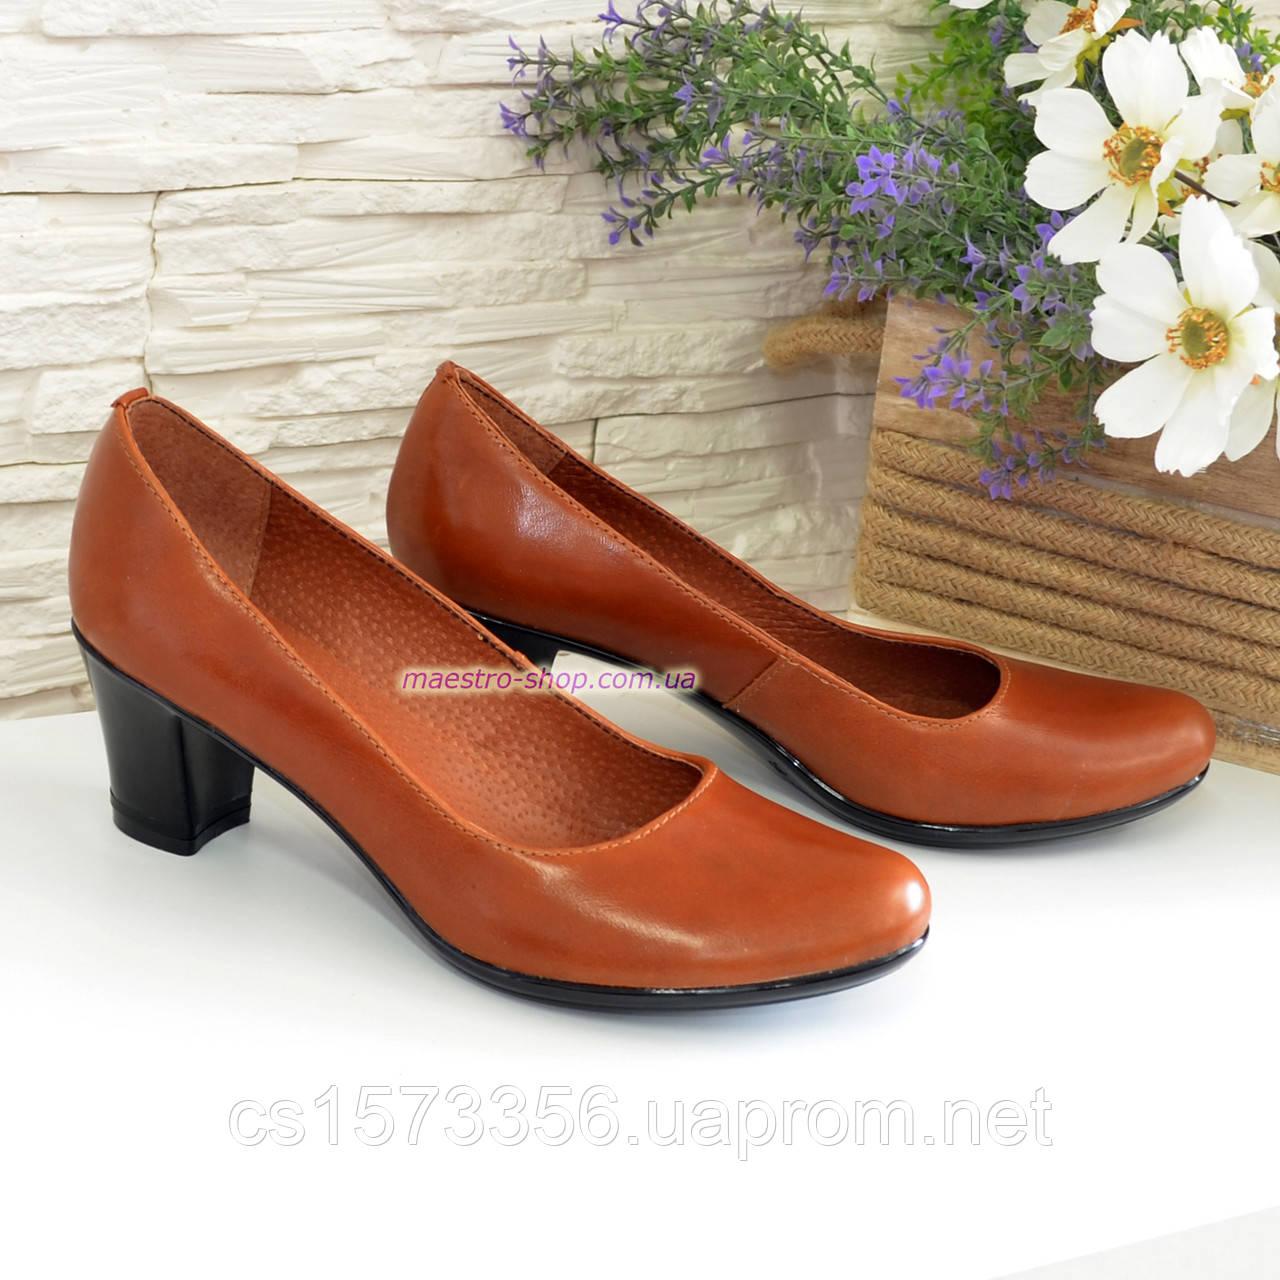 Туфли на устойчивом каблуке из натуральной кожи рыжего цвета